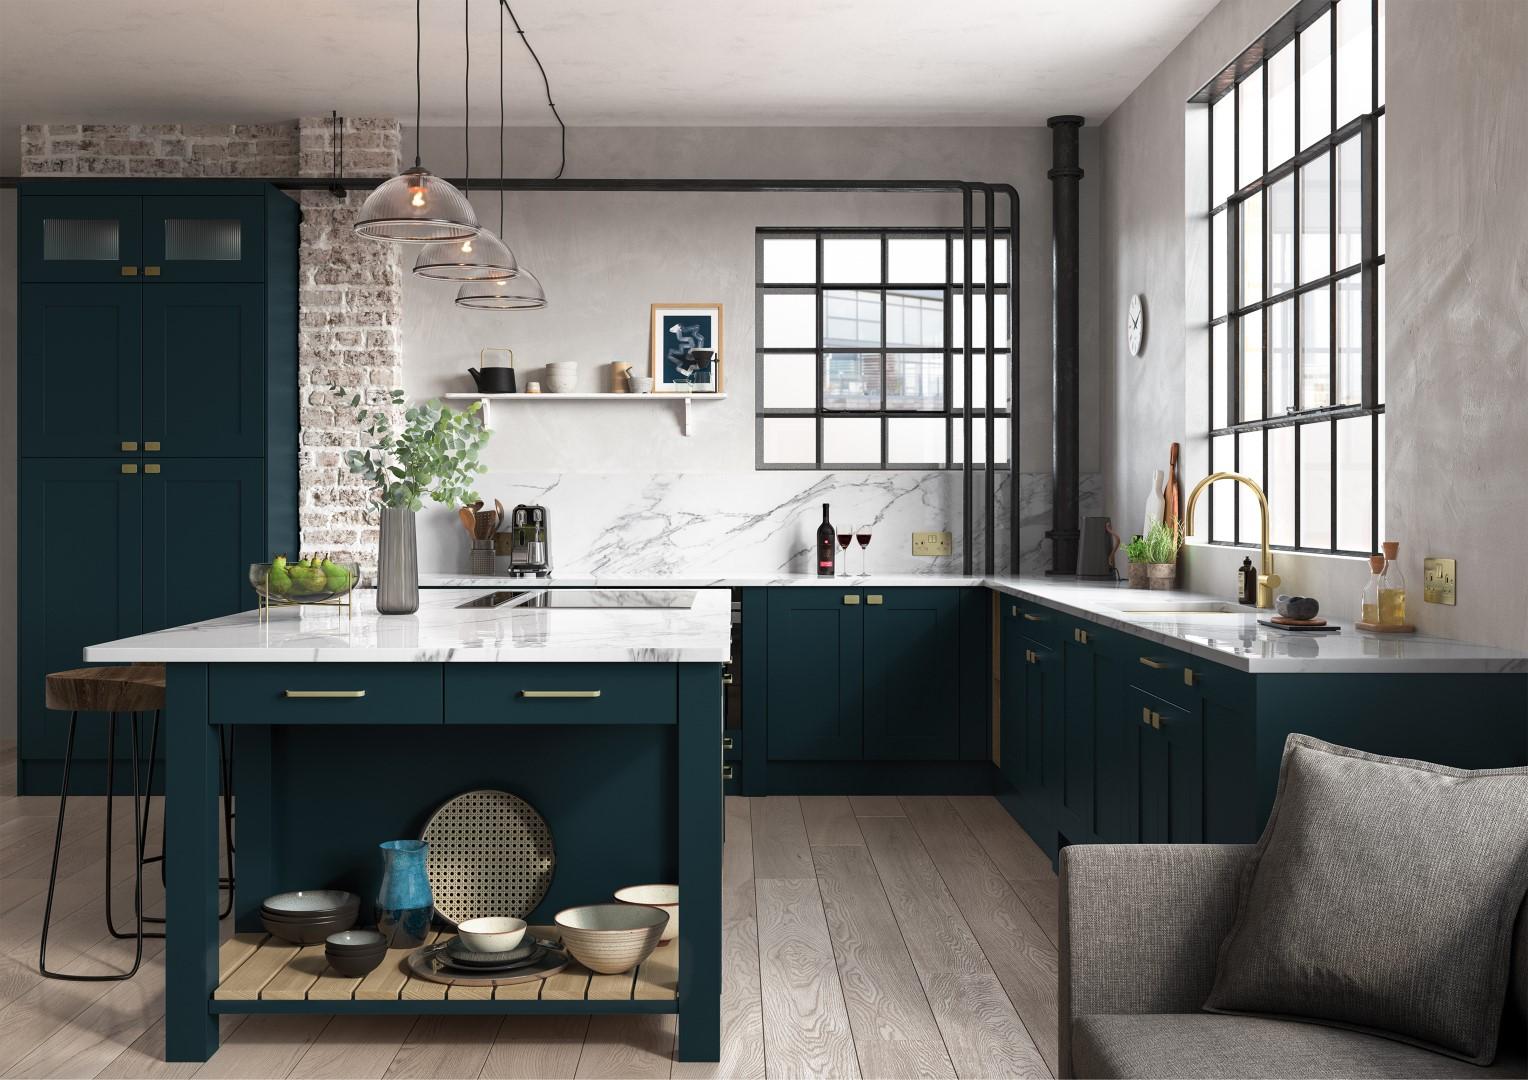 Georgia Marine - Kitchen Design - Alan Kelly Kitchens - Waterford - 1